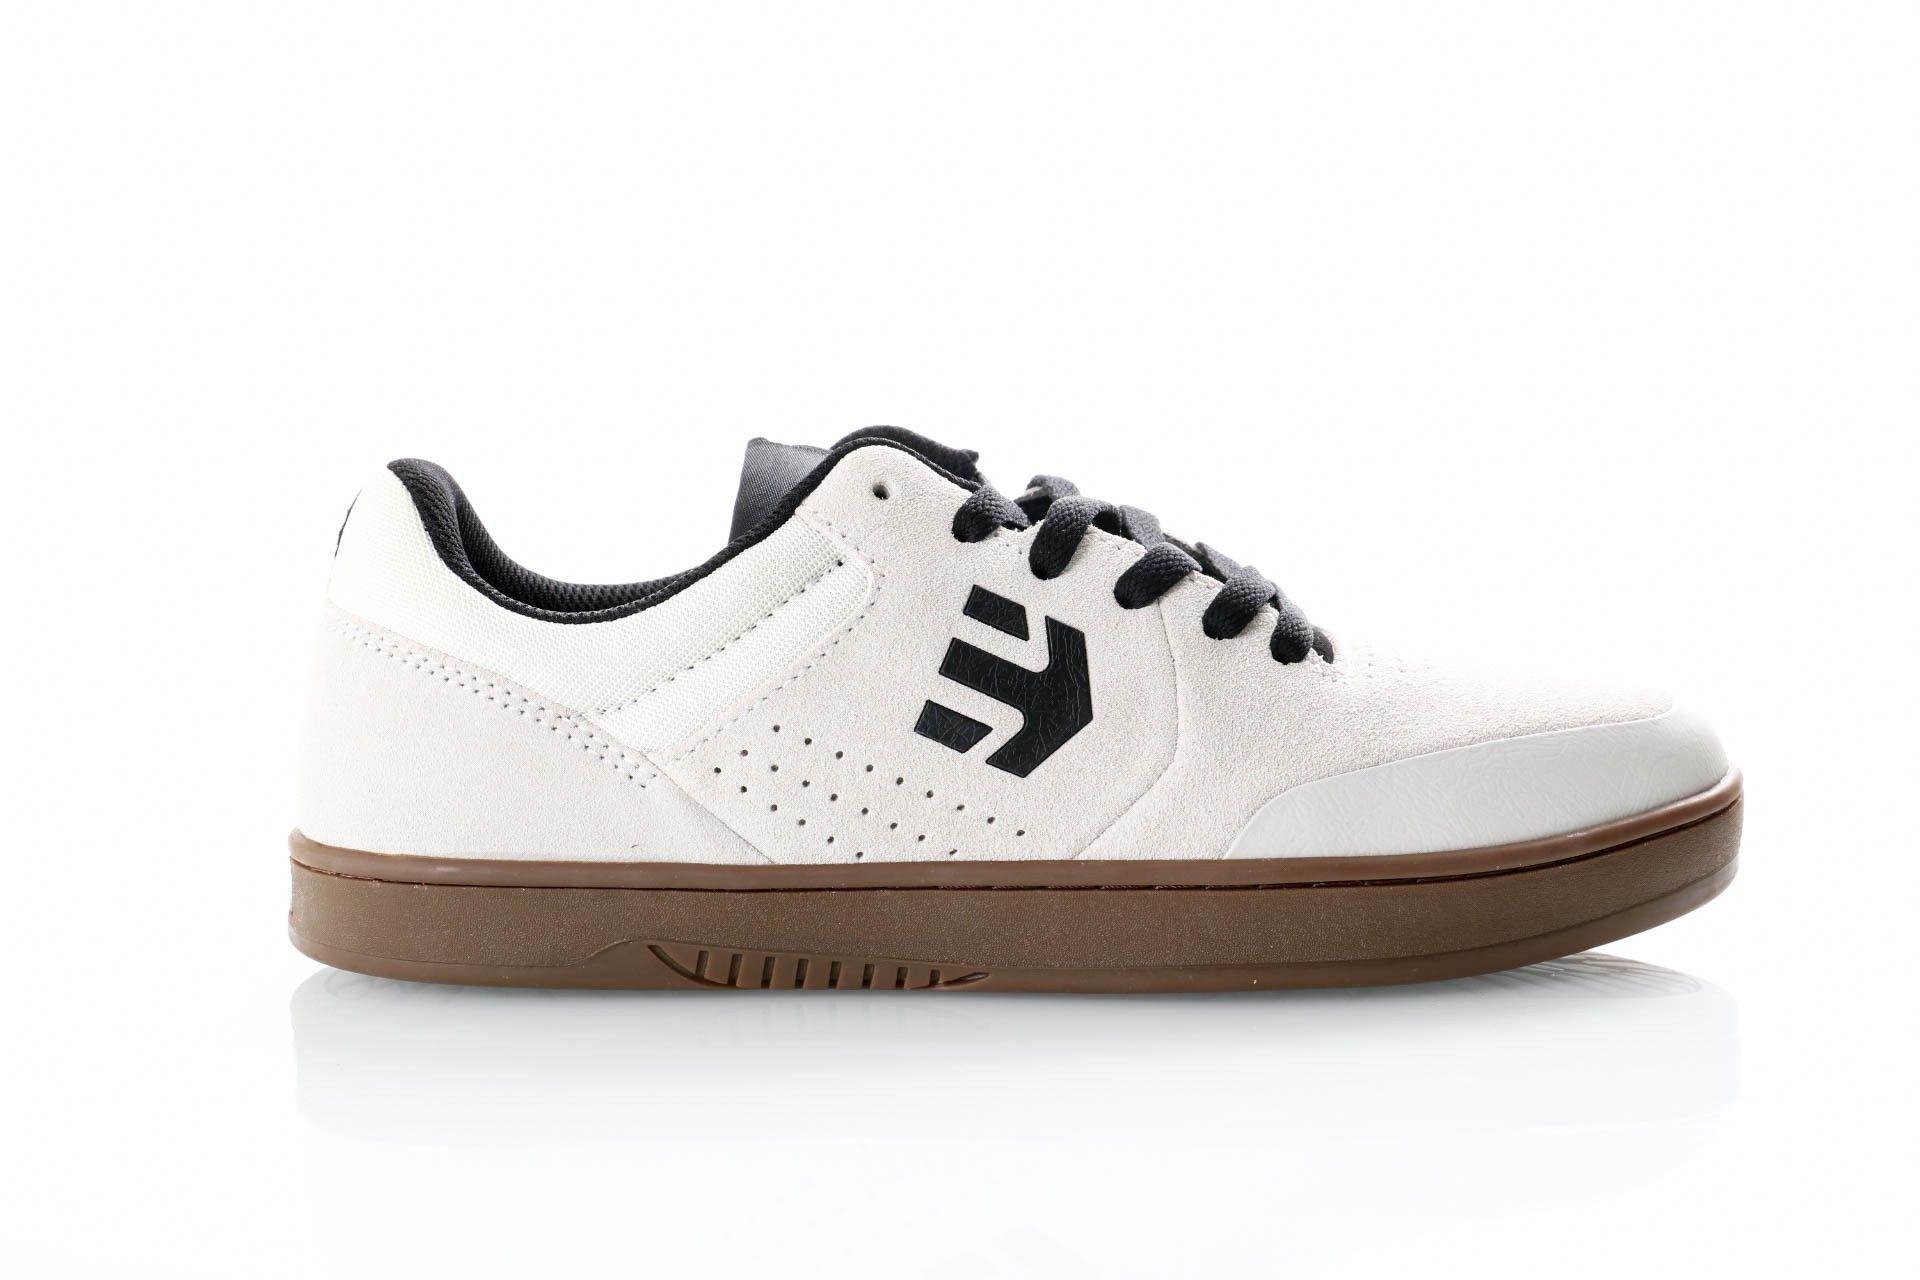 Afbeelding van Etnies Marana 4101000403 Sneakers White/Black/Gum